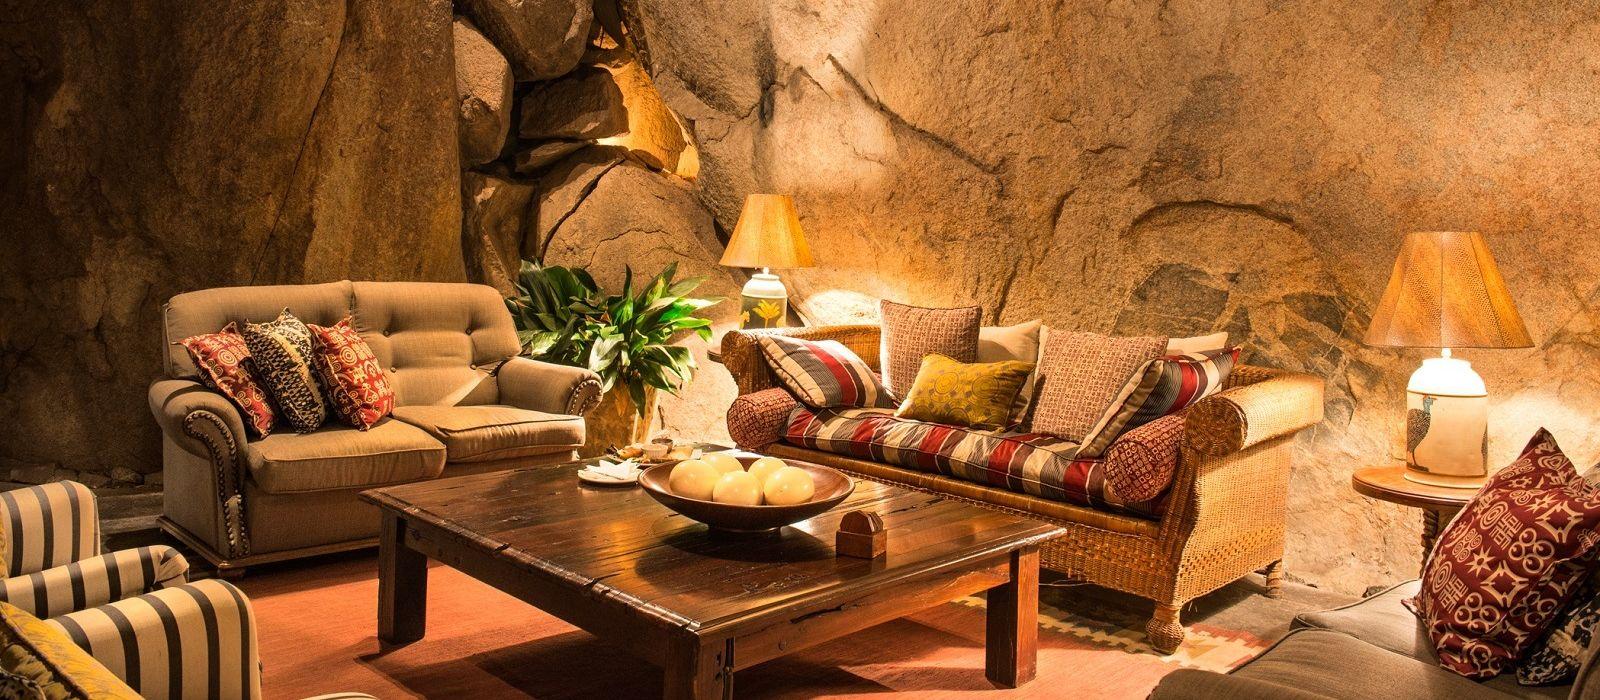 Hotel Camp Amalinda Simbabwe